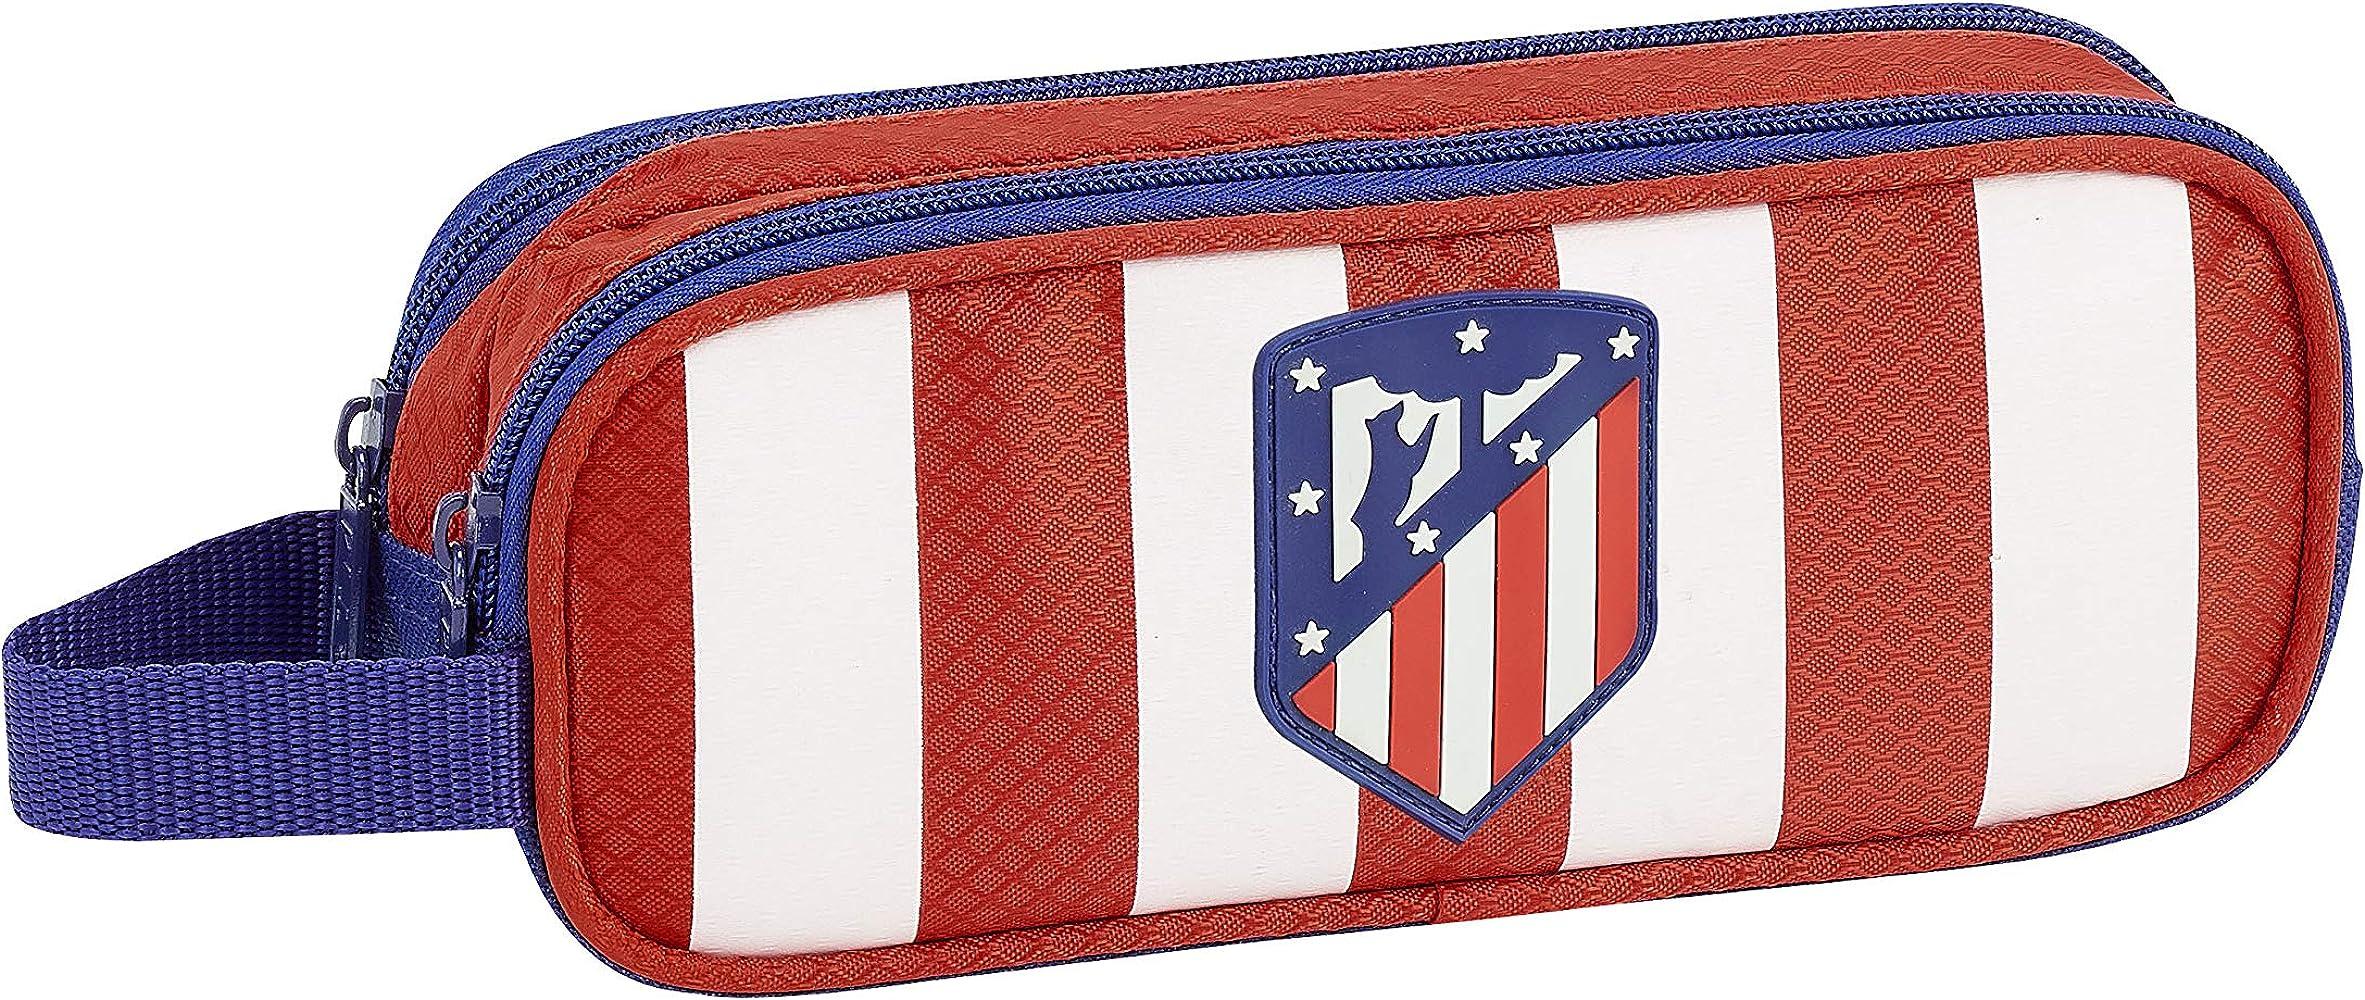 Club Atlético de Madrid Estuche, Niños, Roja, 21 cm: Amazon.es: Ropa y accesorios